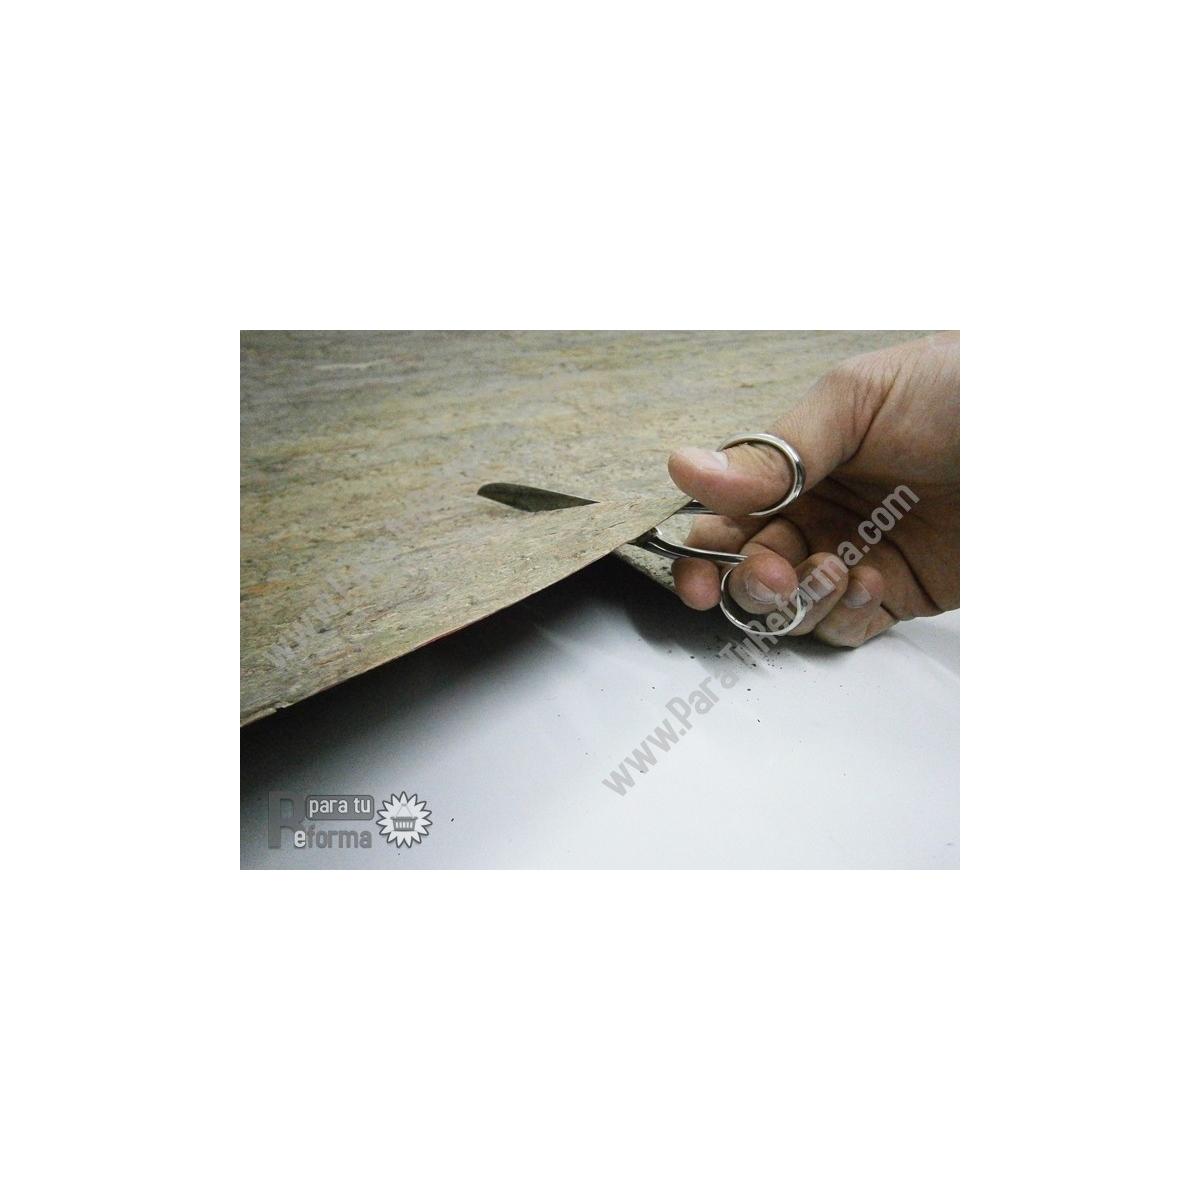 Pizarra natural flexible FS6012 / FT3012 (ud) Revestimiento con Pizarra natural flexible 0